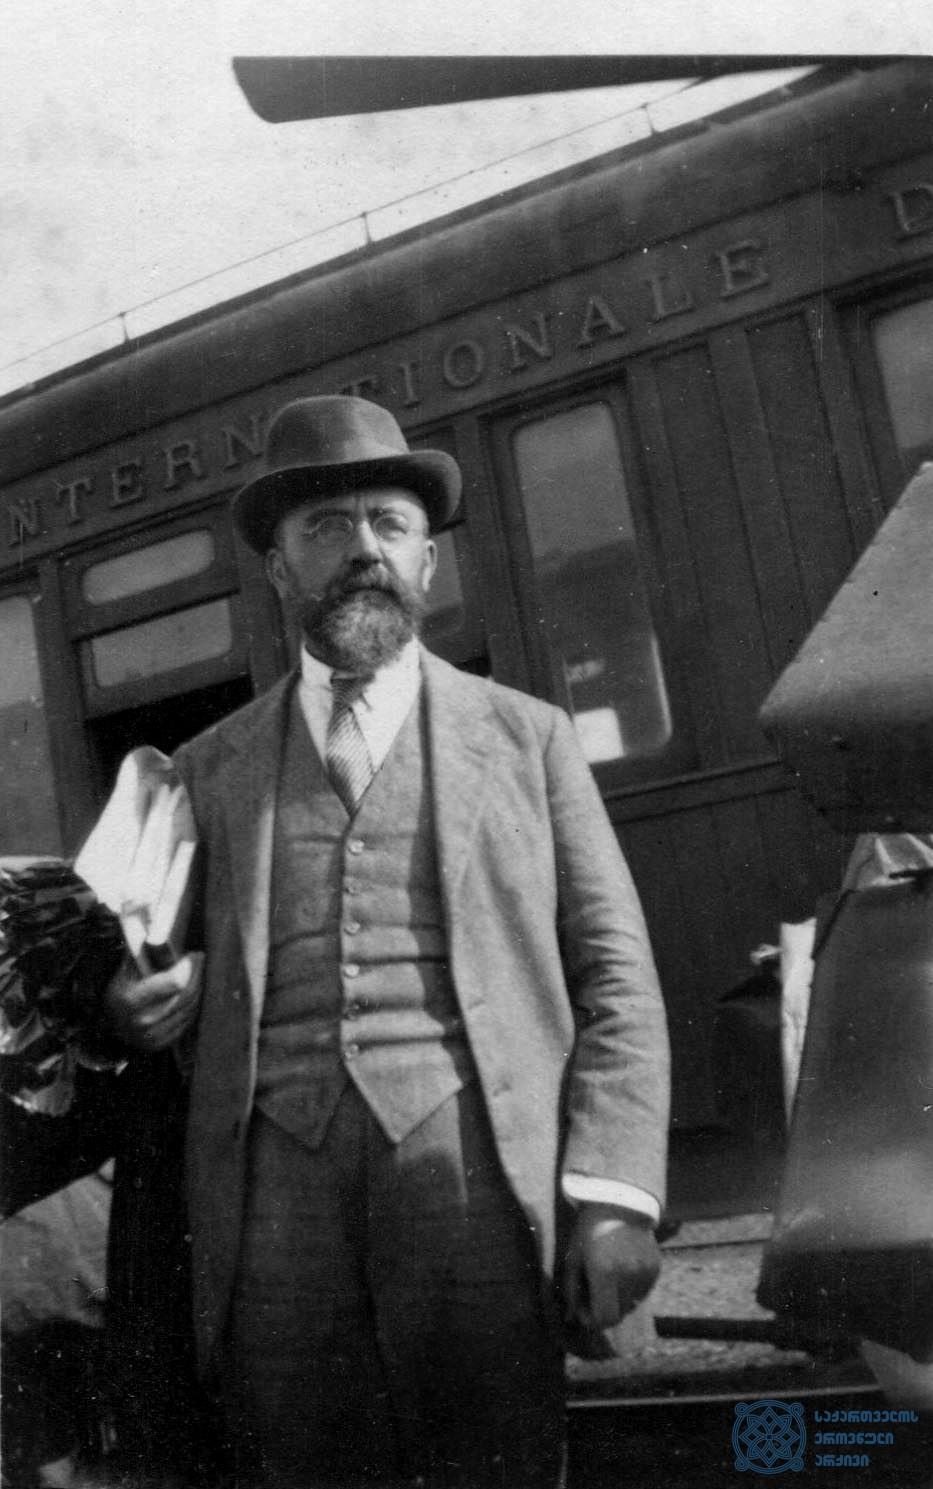 ბელგიელი სოციალისტი ლუი დე ბრიუკერი საქართველოში. 1920 წლის სექტემბერი.<br> Belgian Socialist Lui de Bruker in Georgia. September 1920.